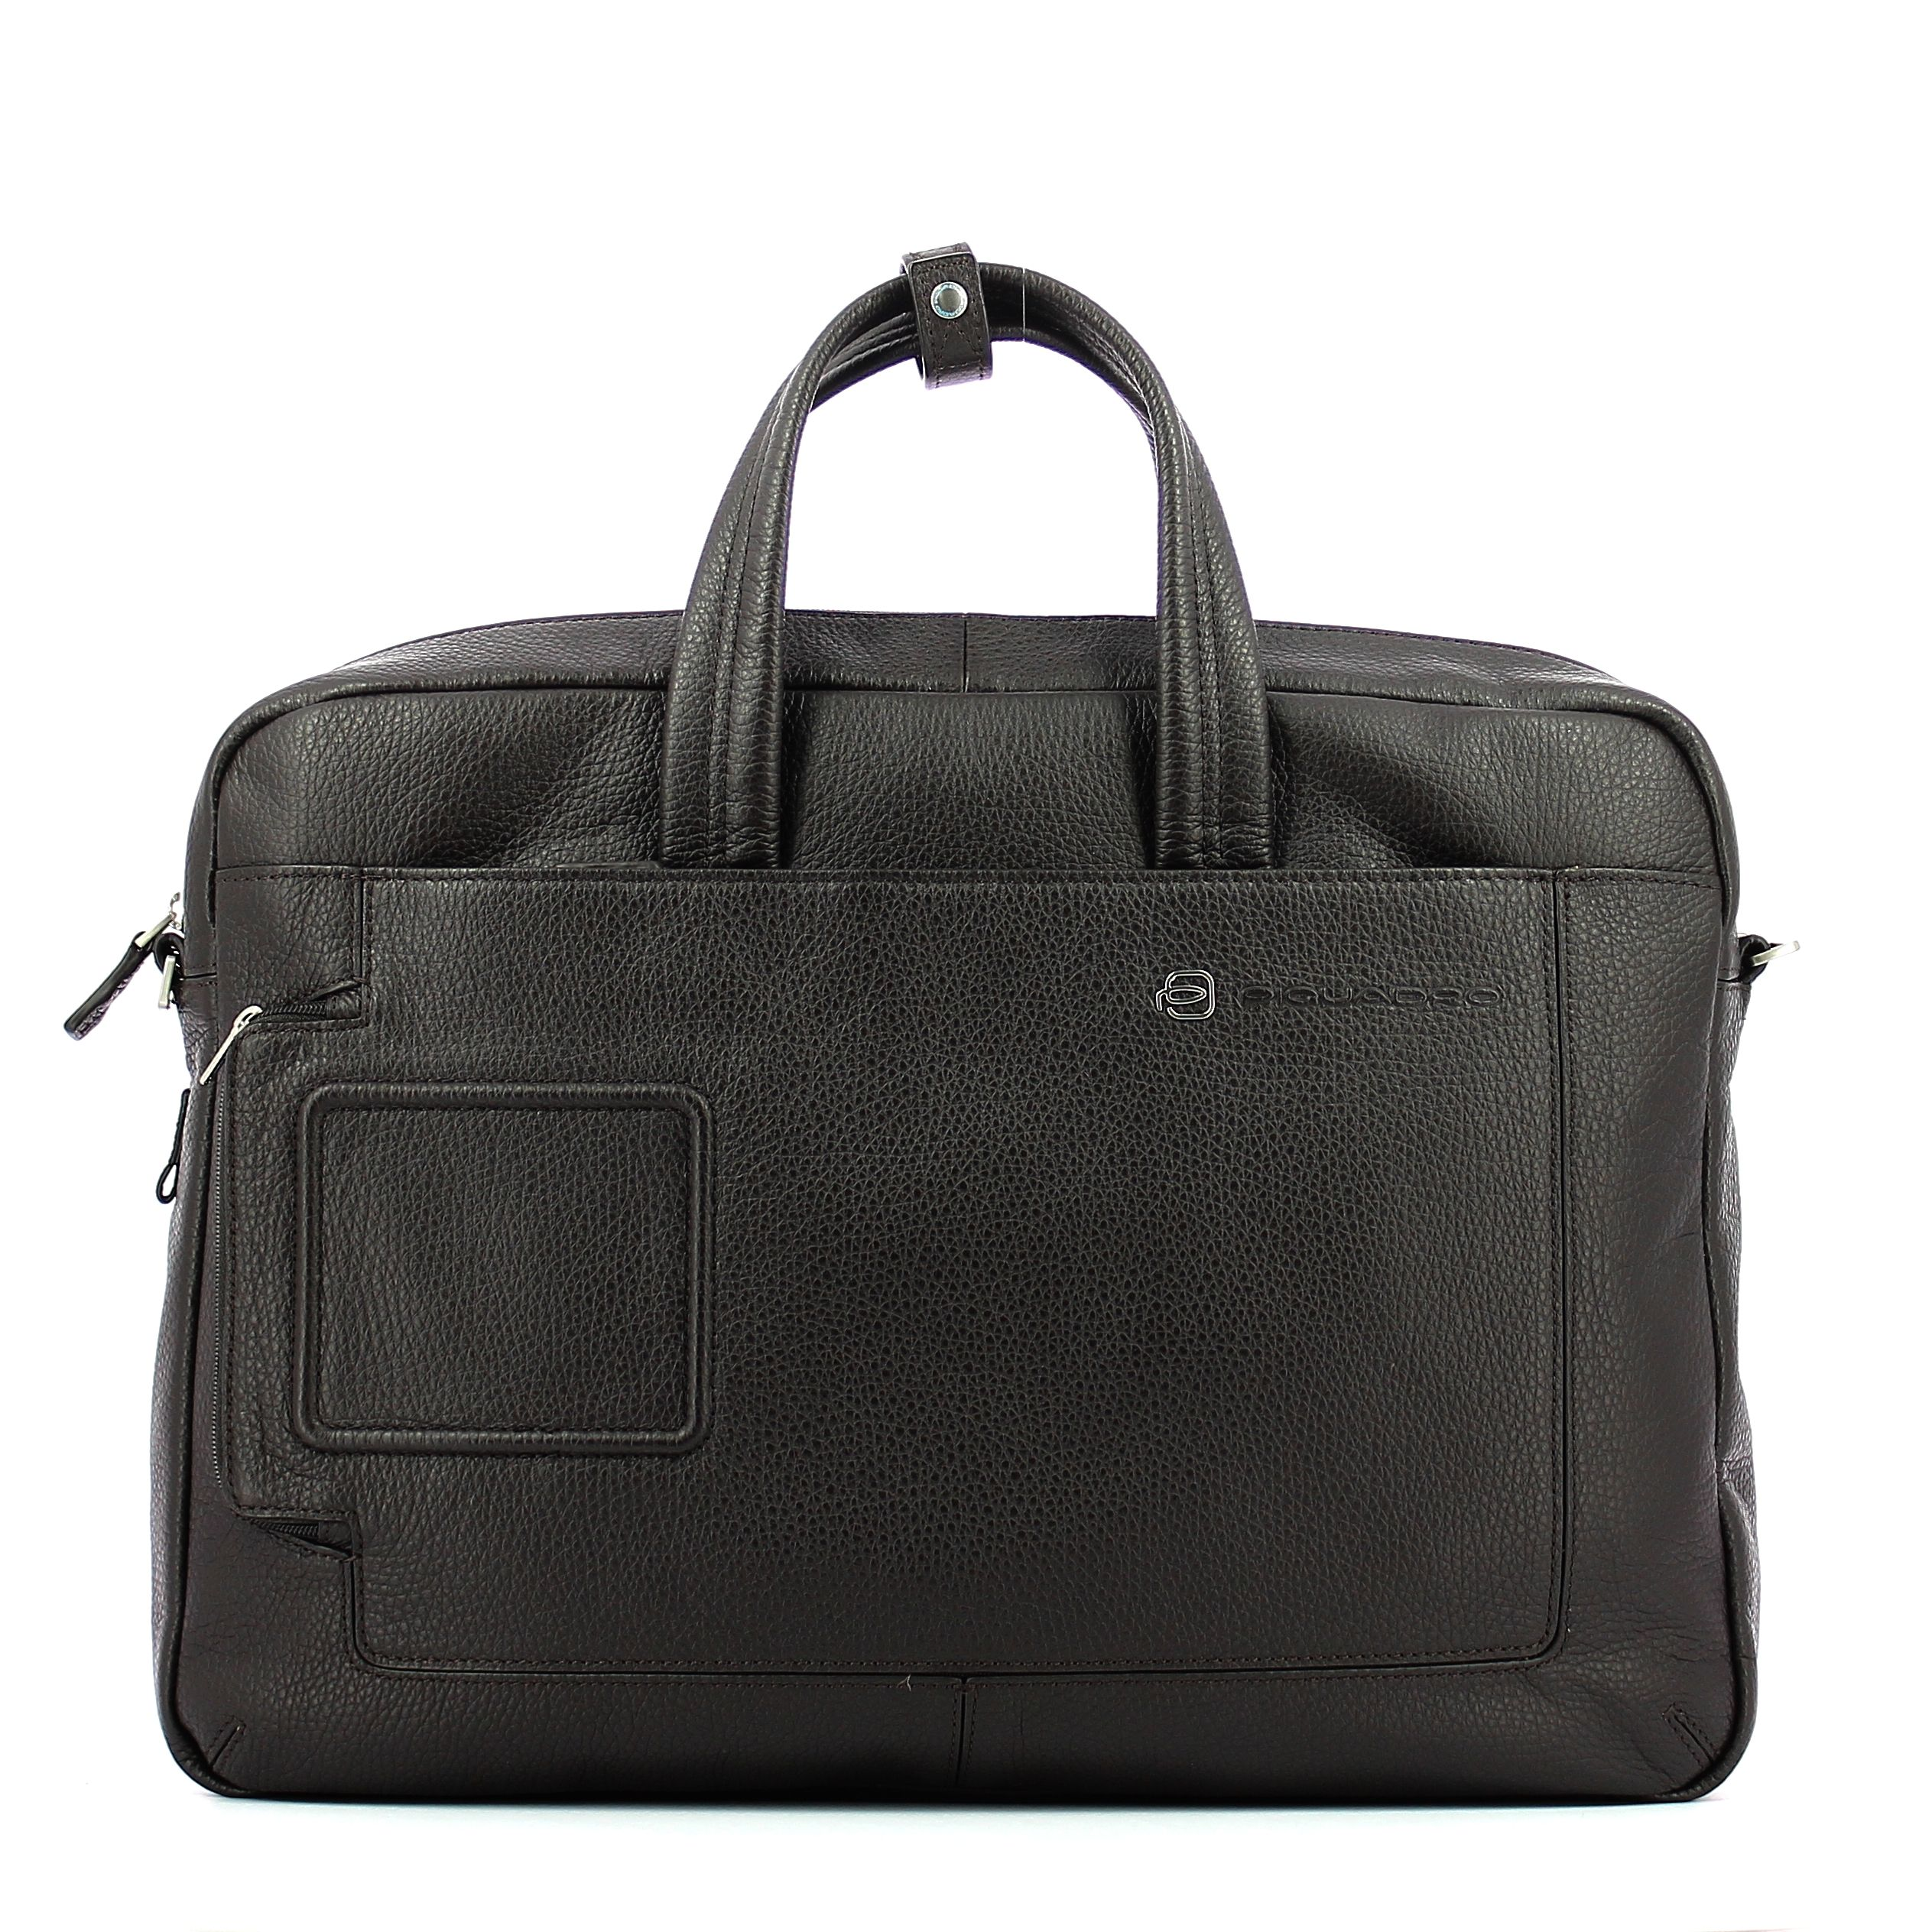 Double handle laptop briefcase Vibe 15.6 Piquadro TESTA MORO